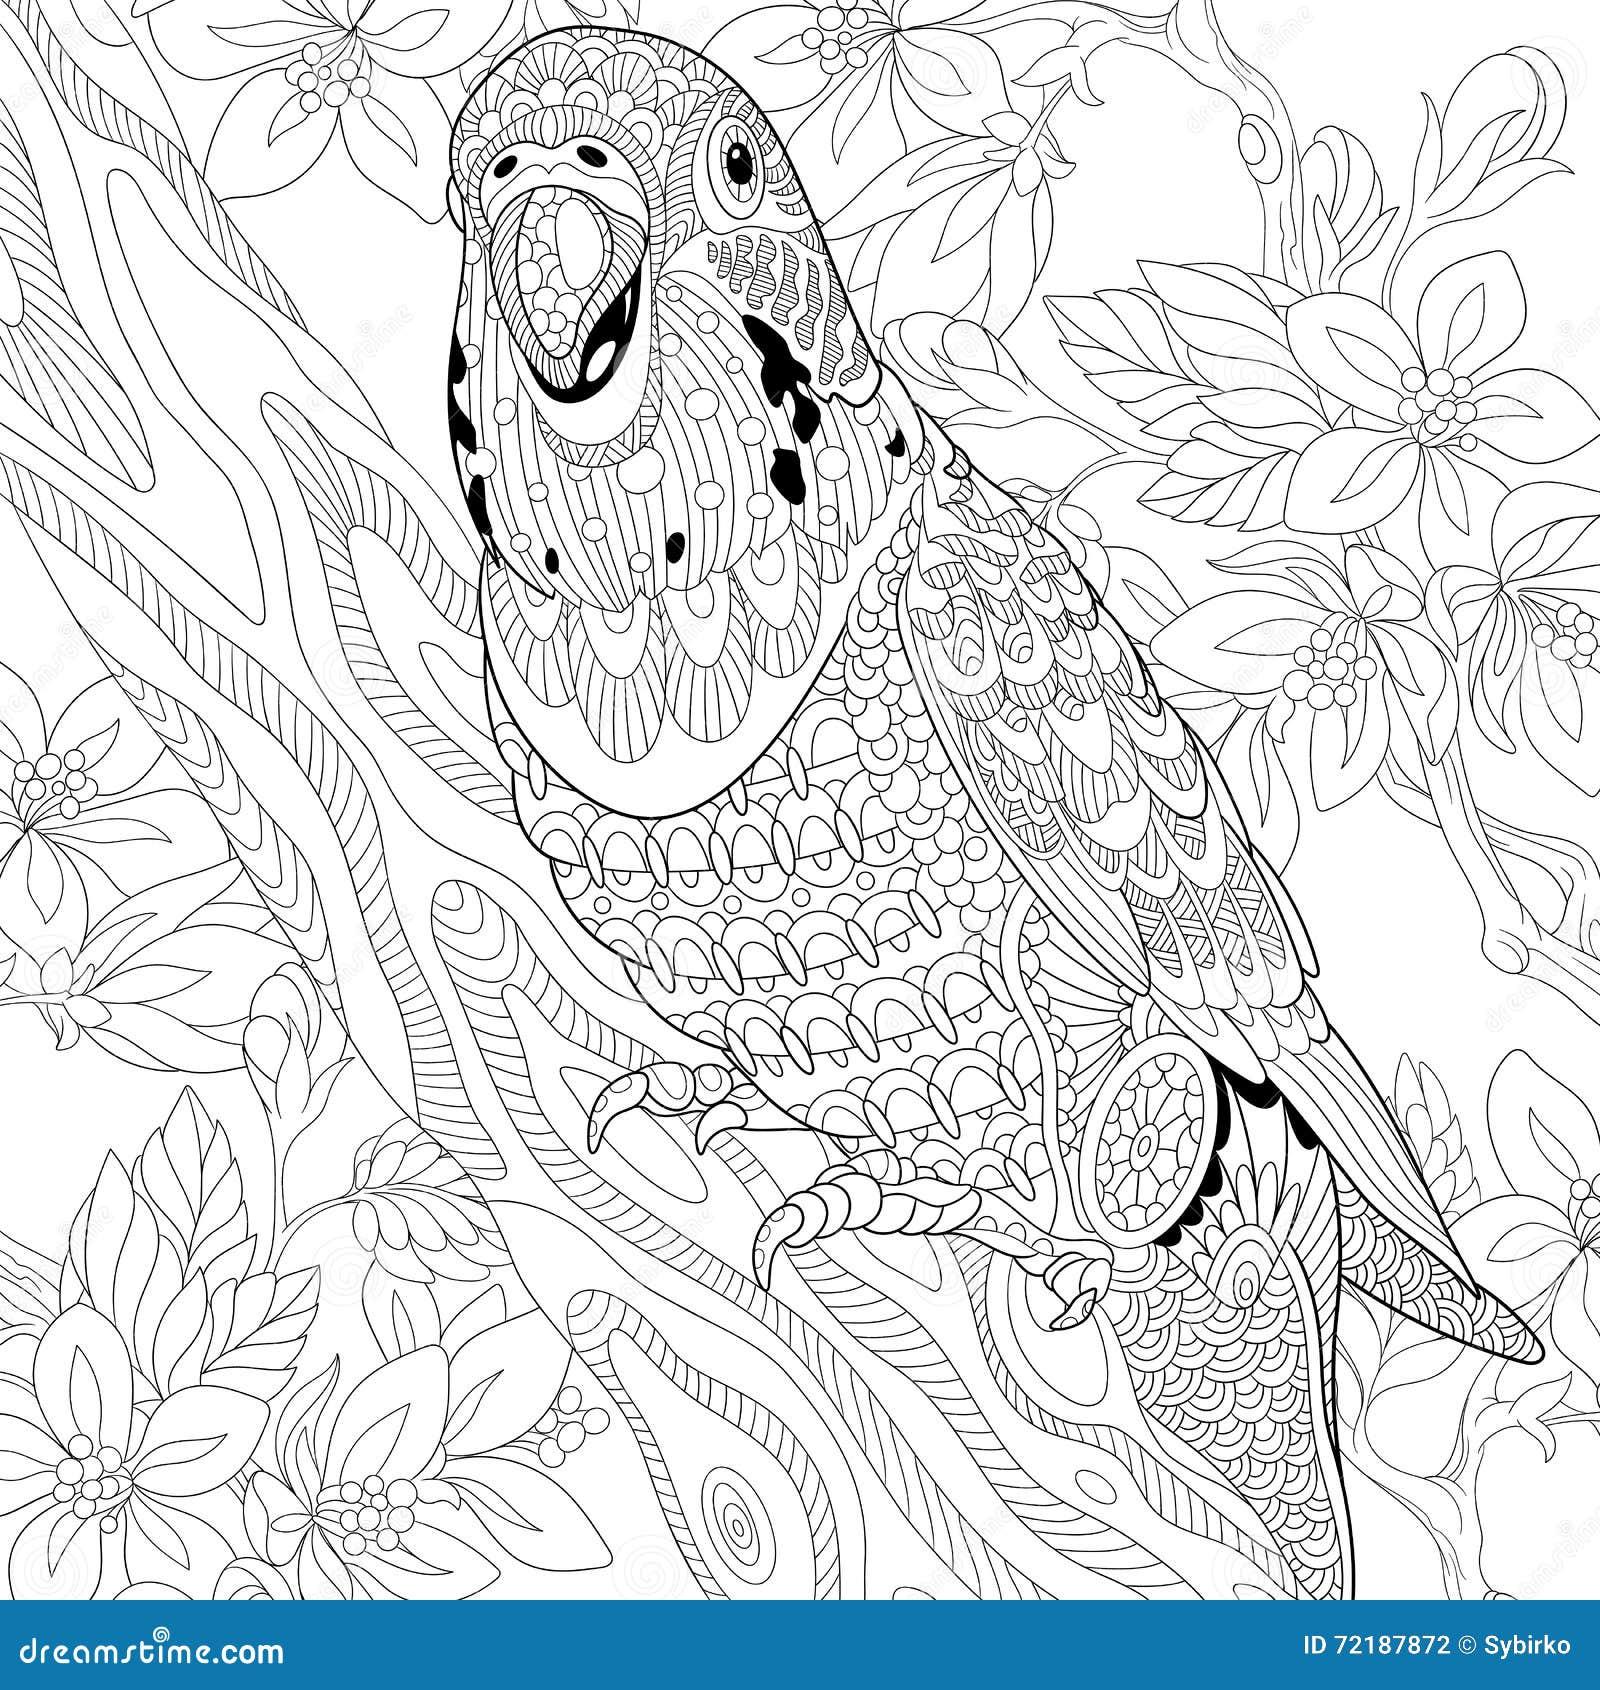 Coloriage Anti Stress Perroquet.Zentangle A Stylise Le Perroquet De Perruche Illustration De